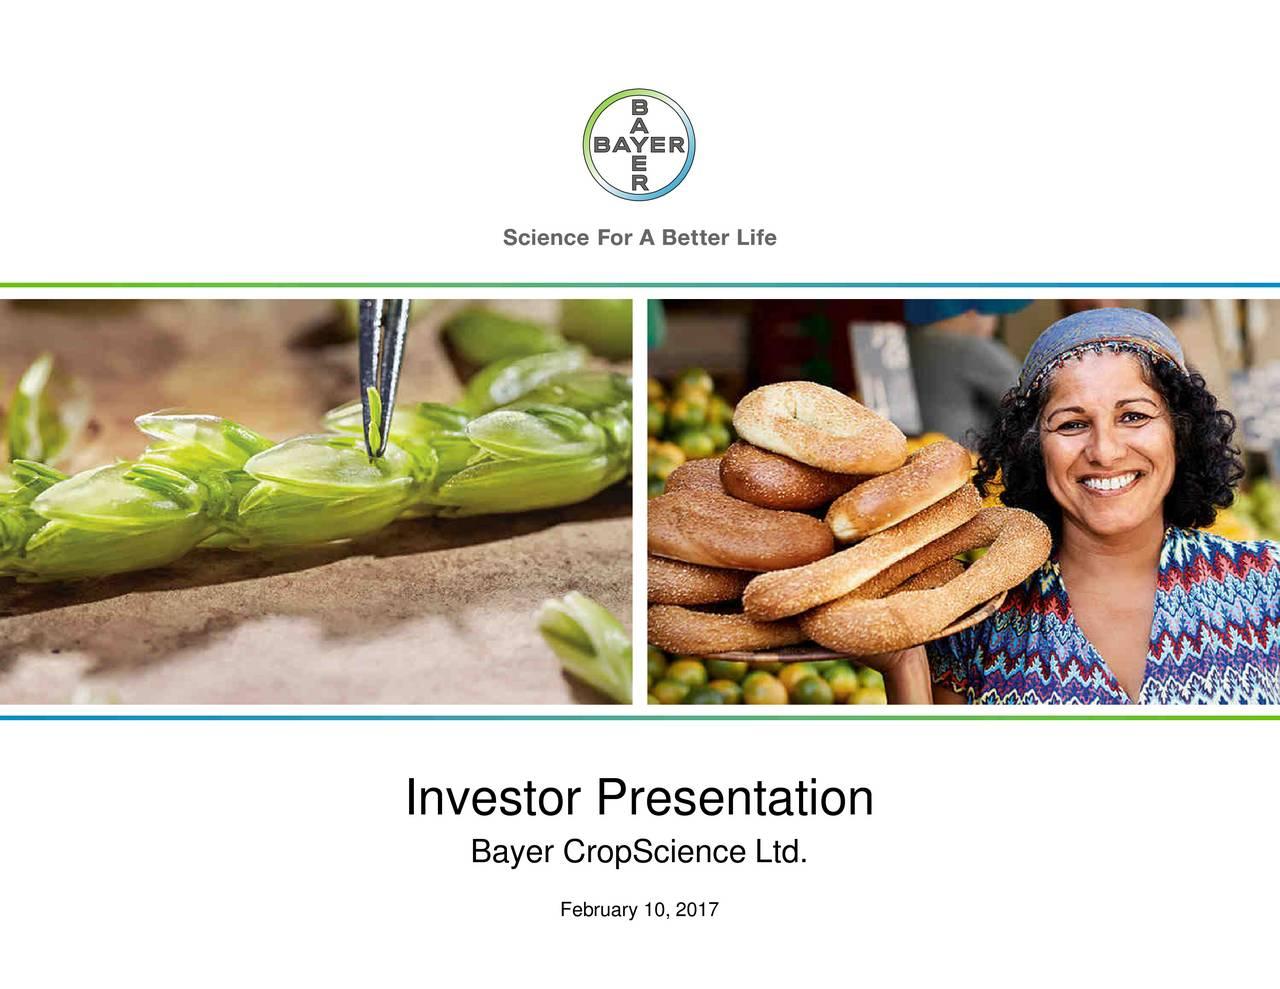 bayer investor